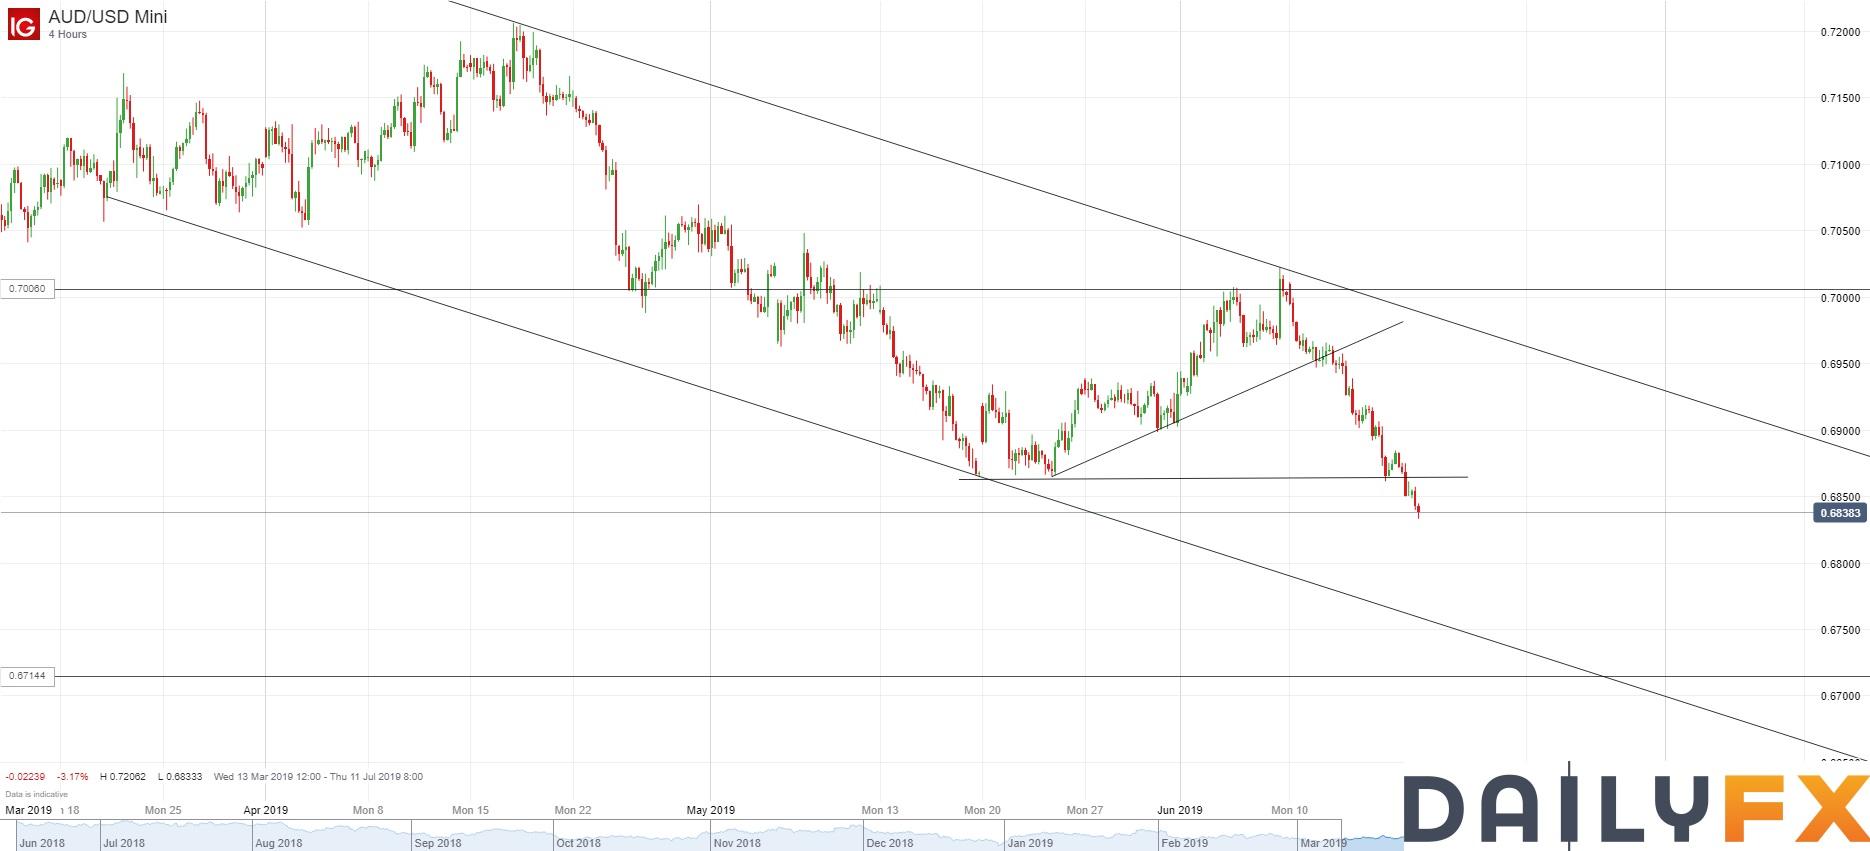 澳元/美元技術分析:下破5月低點,日圖可能朝通道下軌跌去